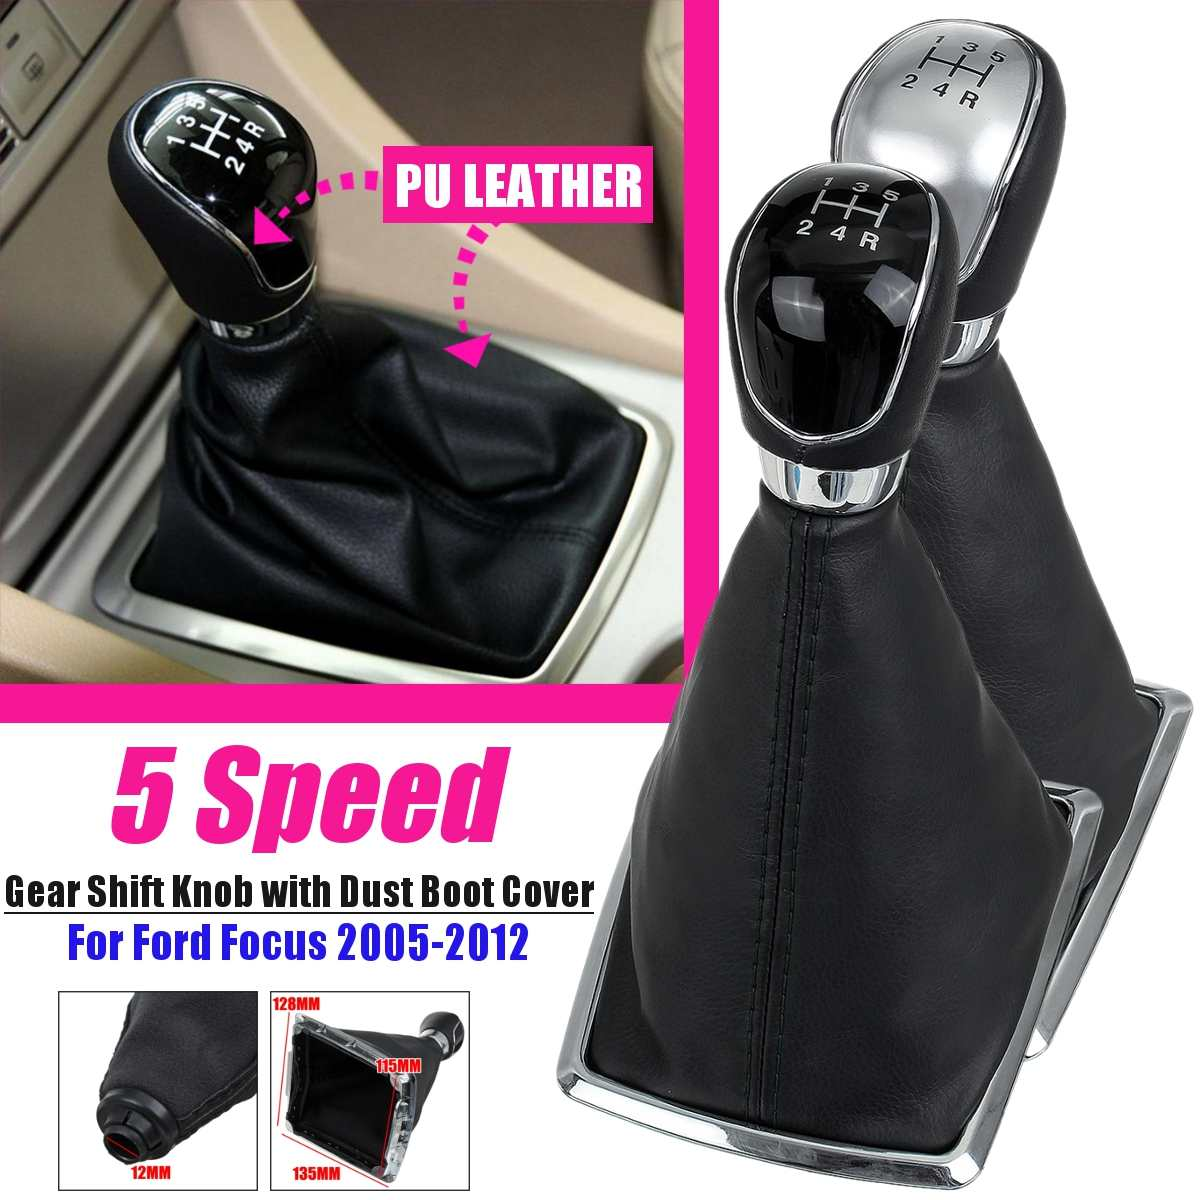 5 Speed Black Gear Shift Knob For Ford Foucs 2005-2008 1.8L